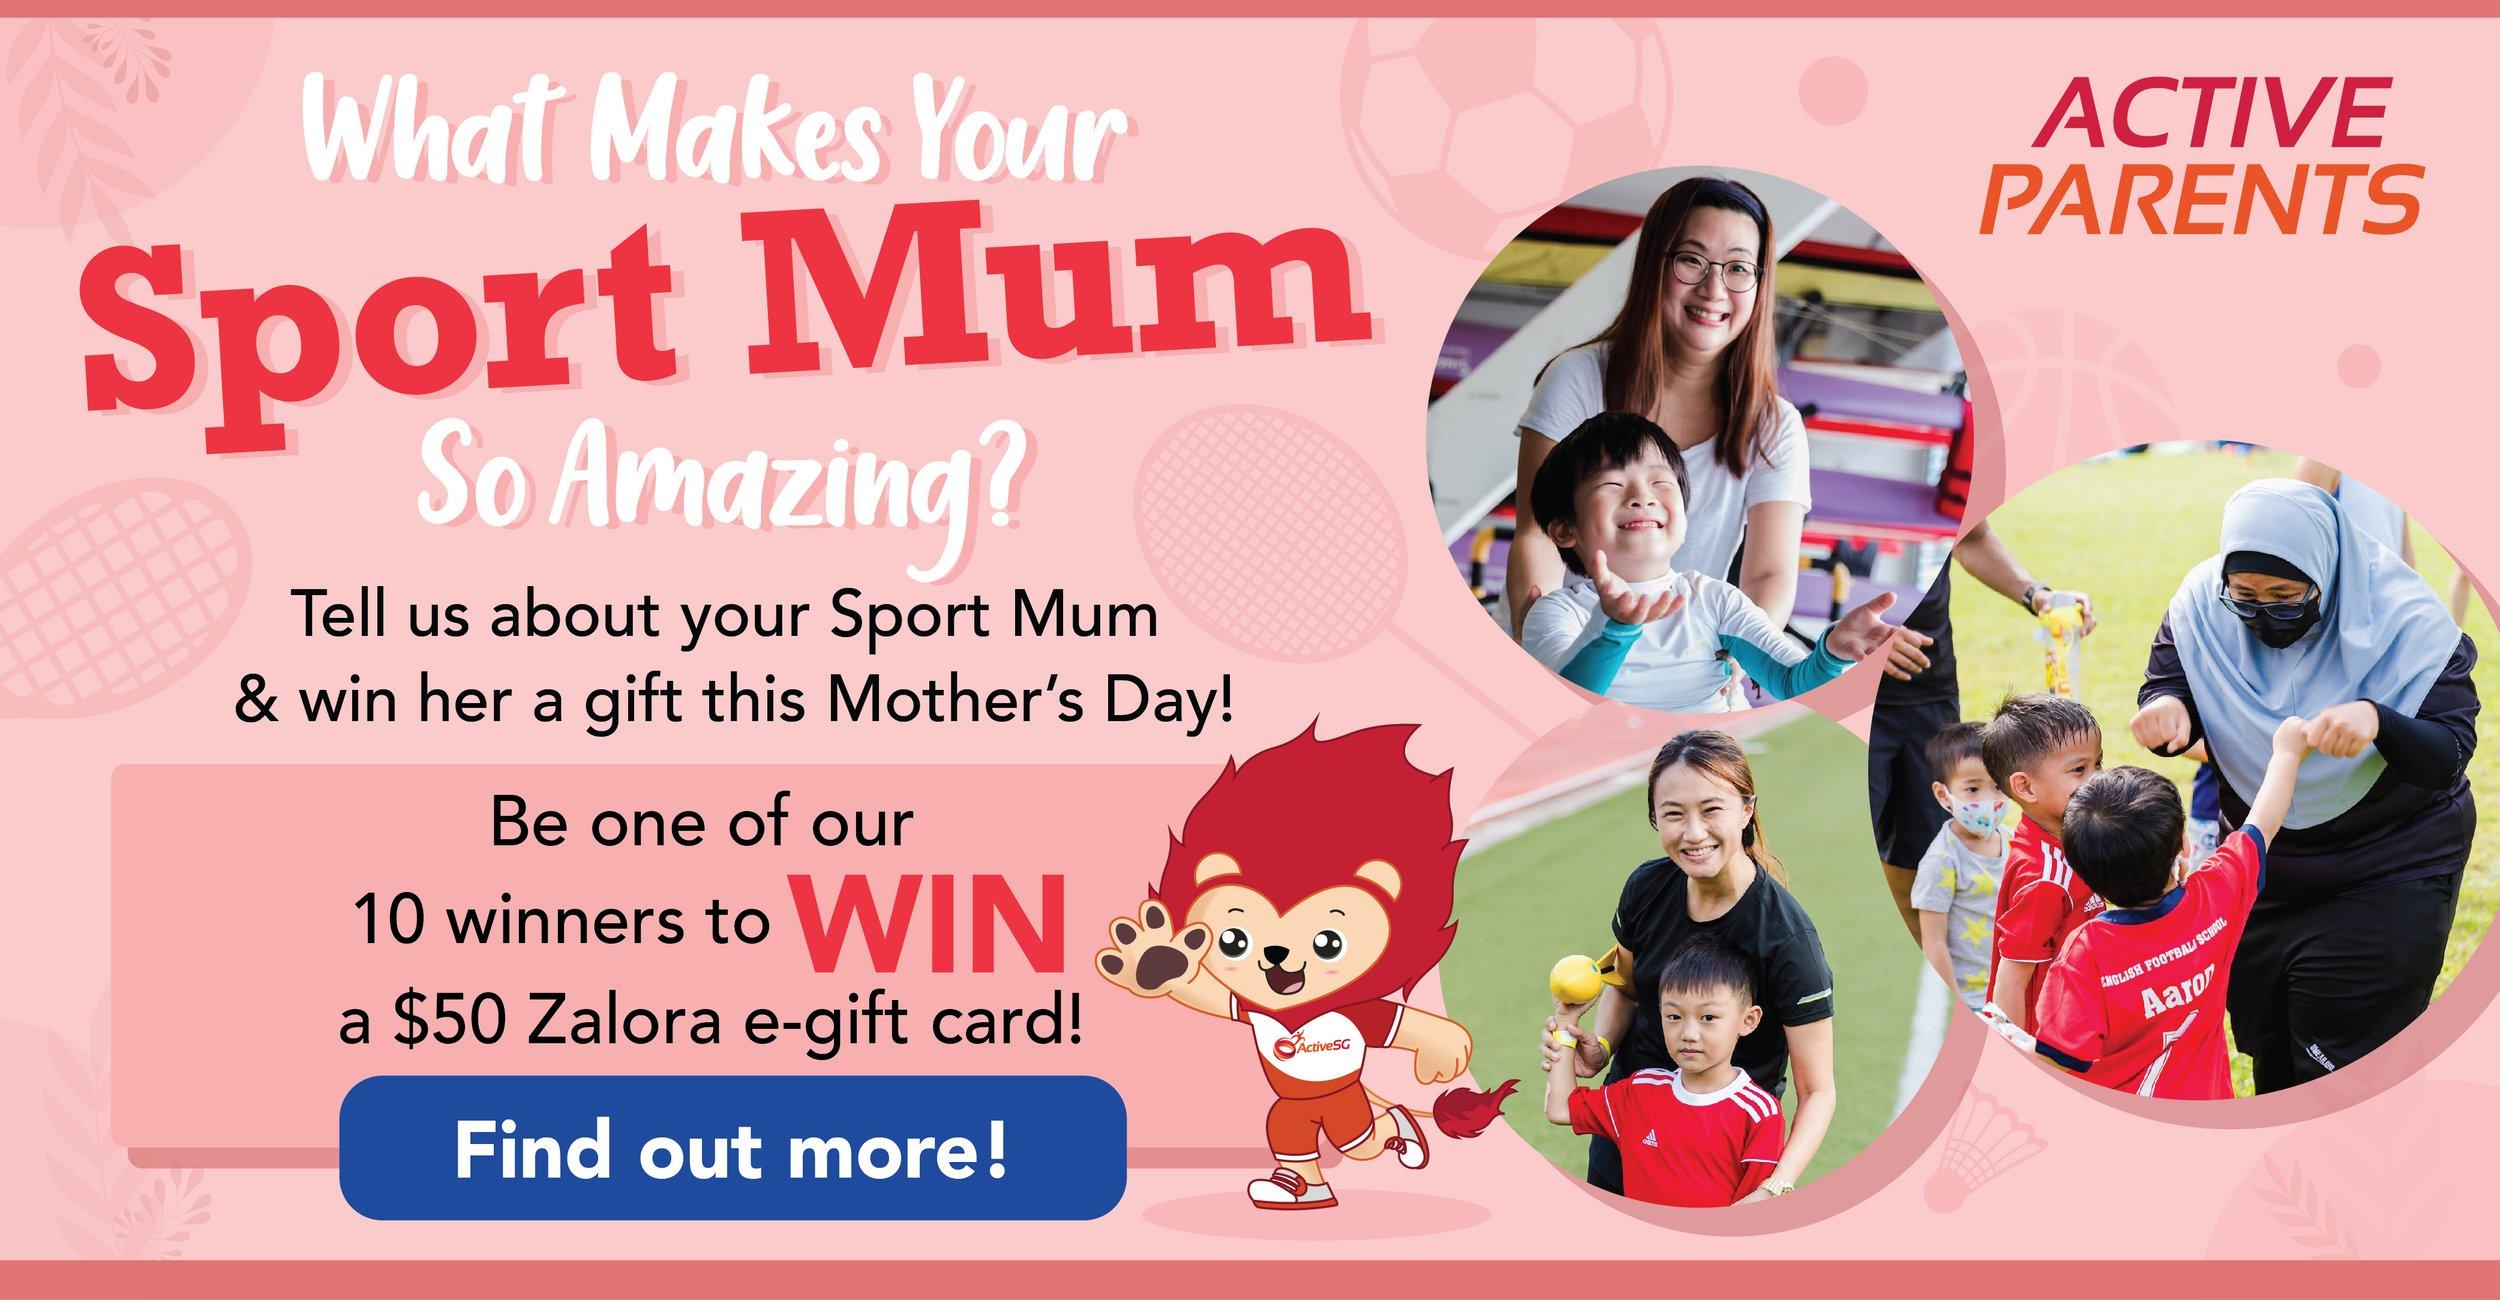 Active Parents Mums Day Campaign - Banner 2000x1040px d2 130421-150ppi